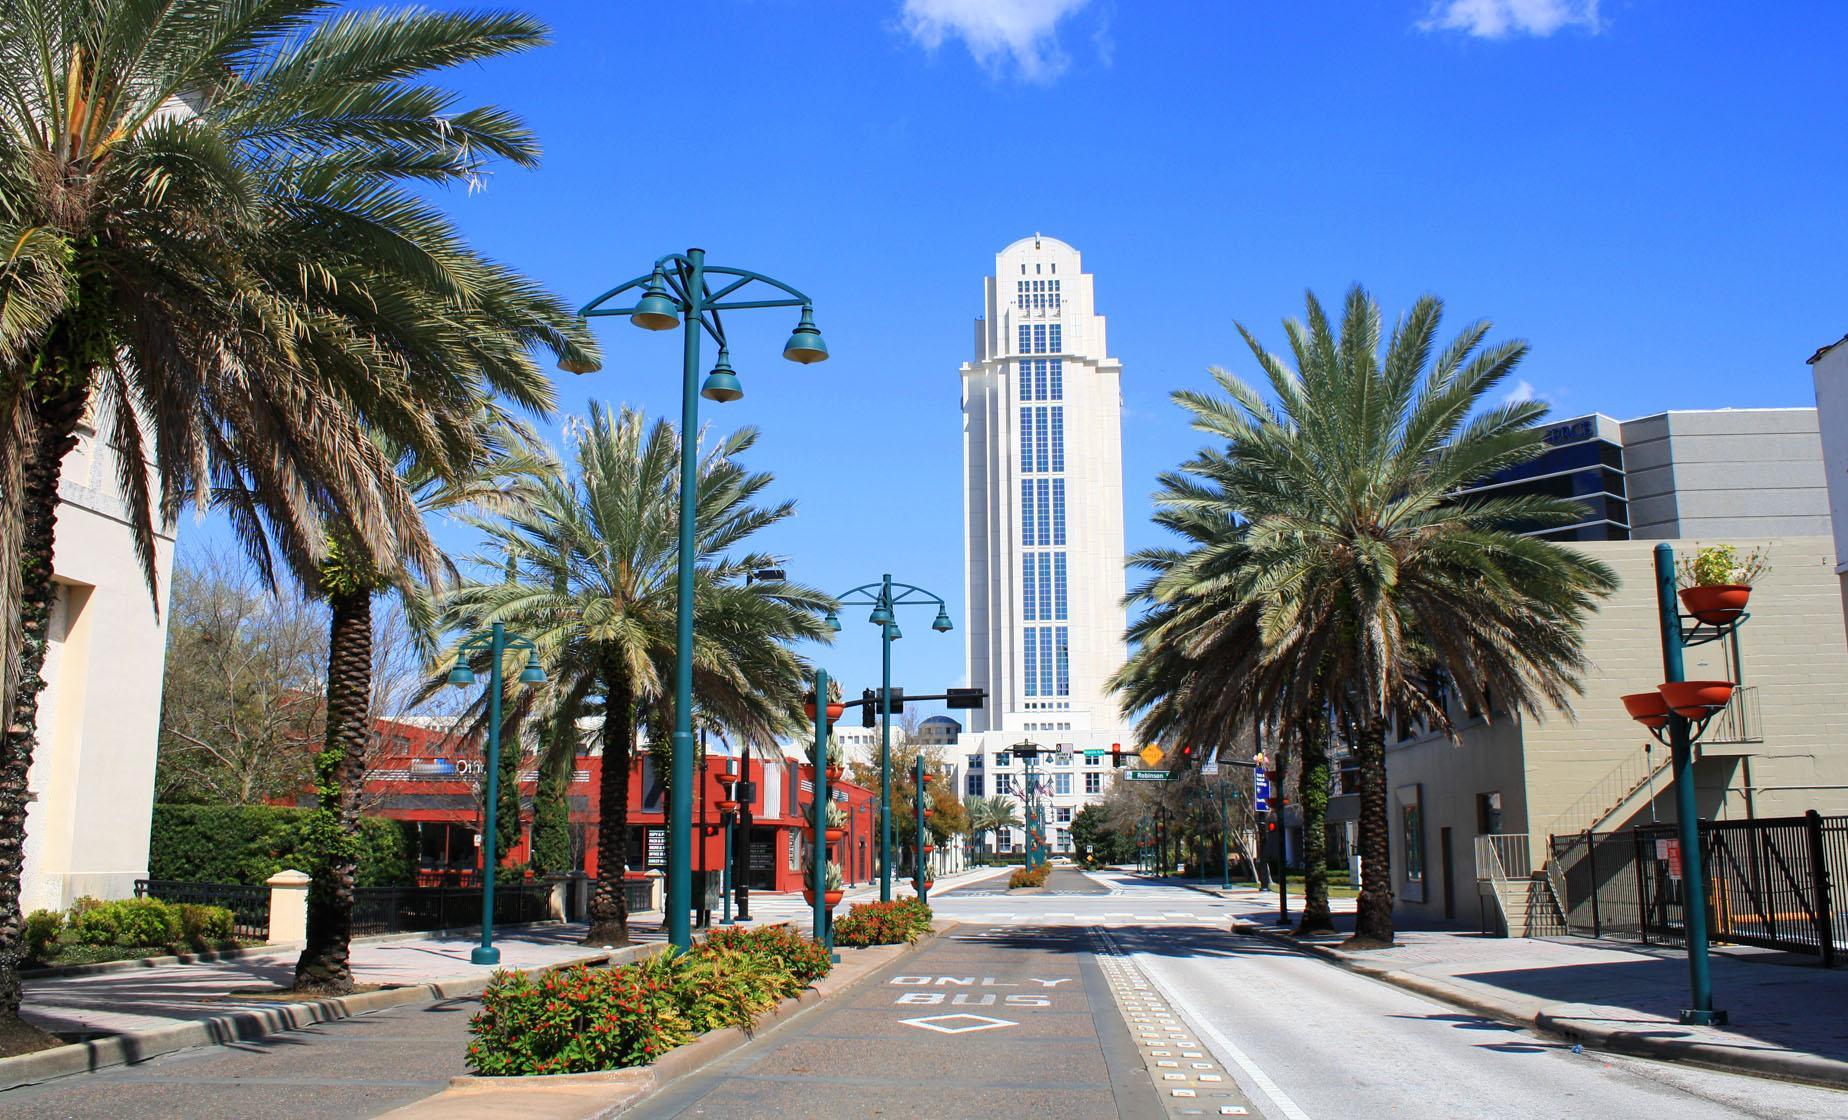 City Tour Ault Park: Scenic Orlando City Tour Cruise Excursion